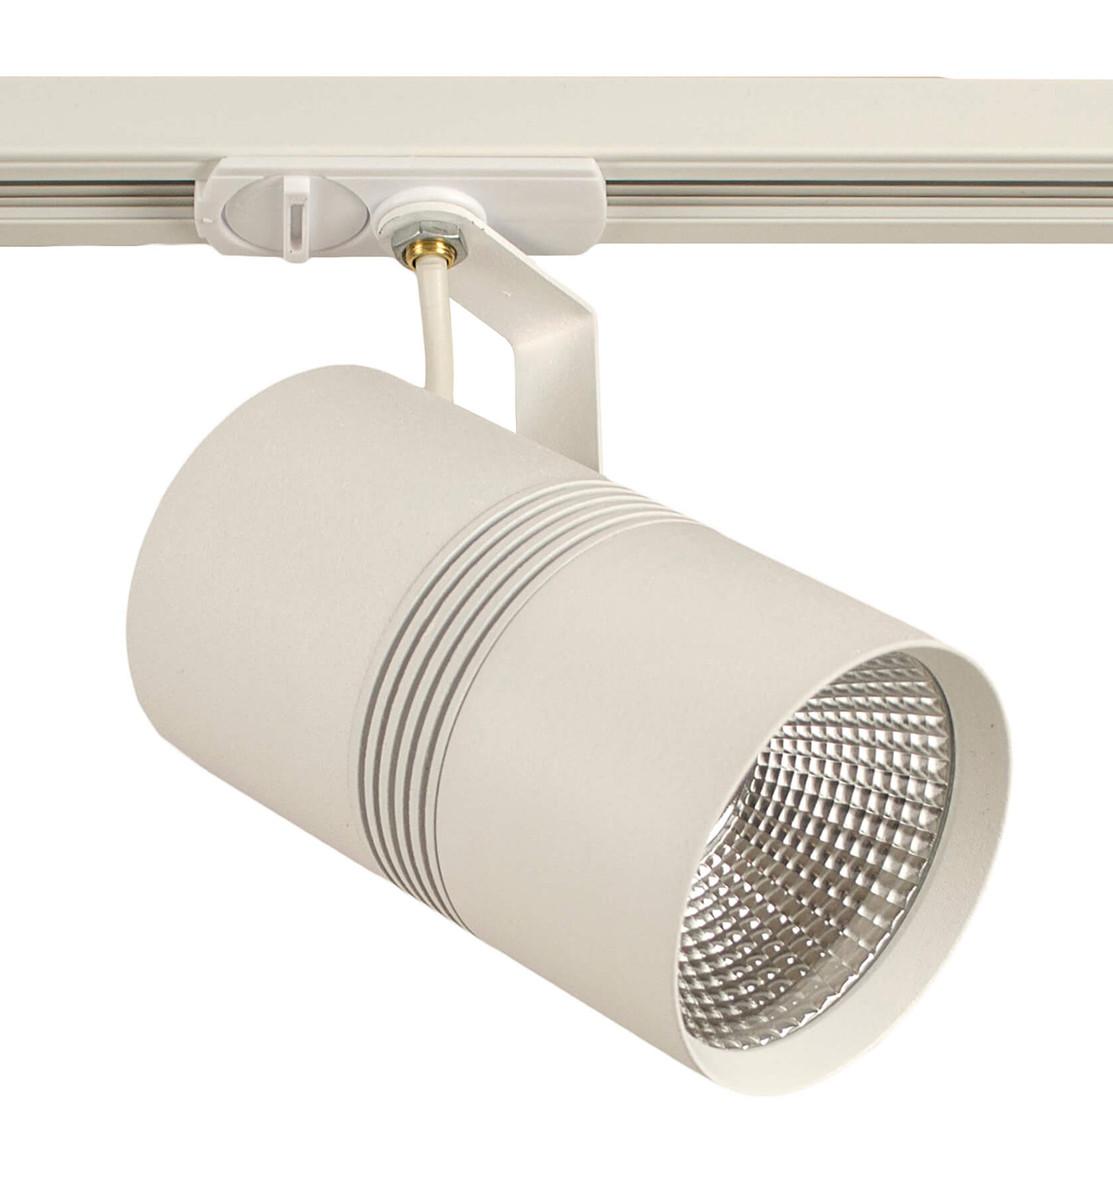 Slide 21W 2300Lm 90Ra трековый светодиодный светильник (153х85мм)